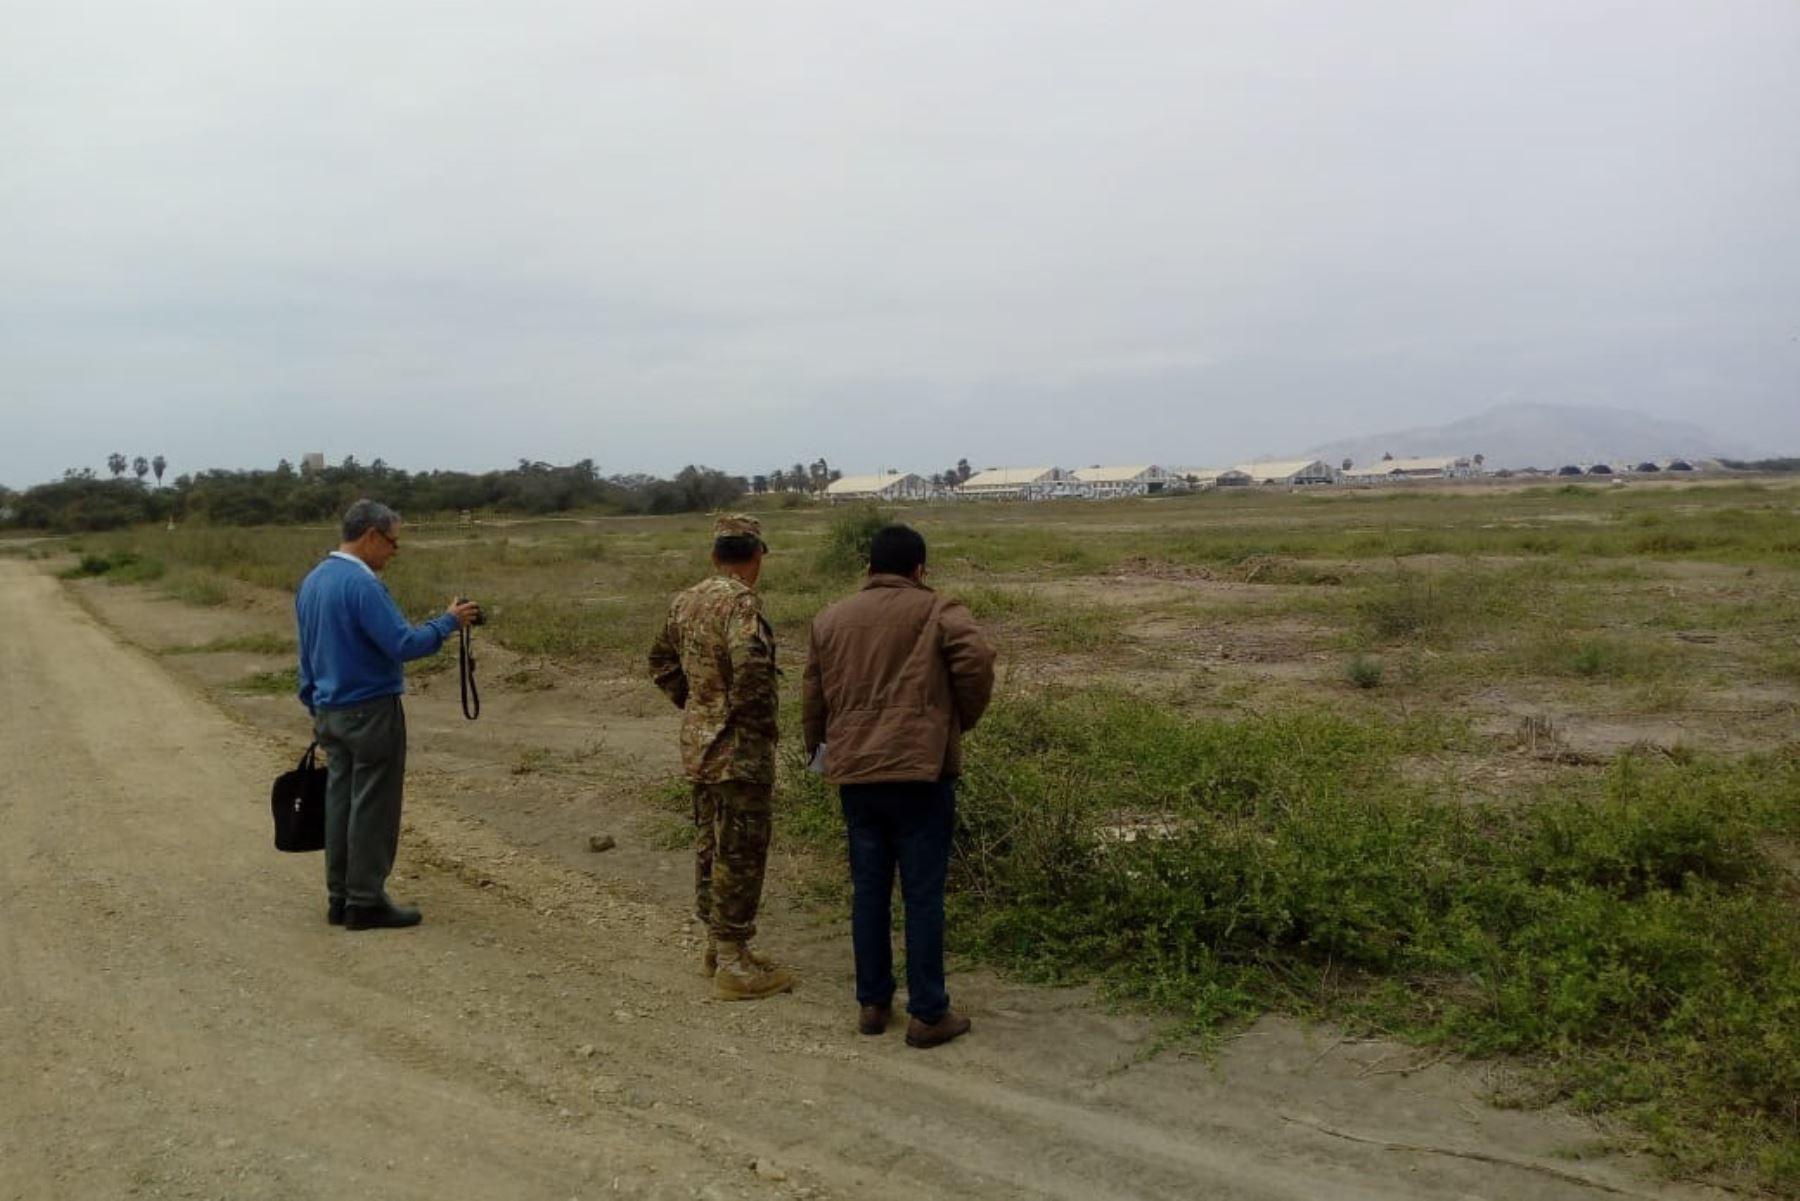 La Fuerza Aérea del Perú entregó al MTC 419,122 metros cuadrados para las obras de ampliación del aeropuerto de Chiclayo, región Lambayeque.